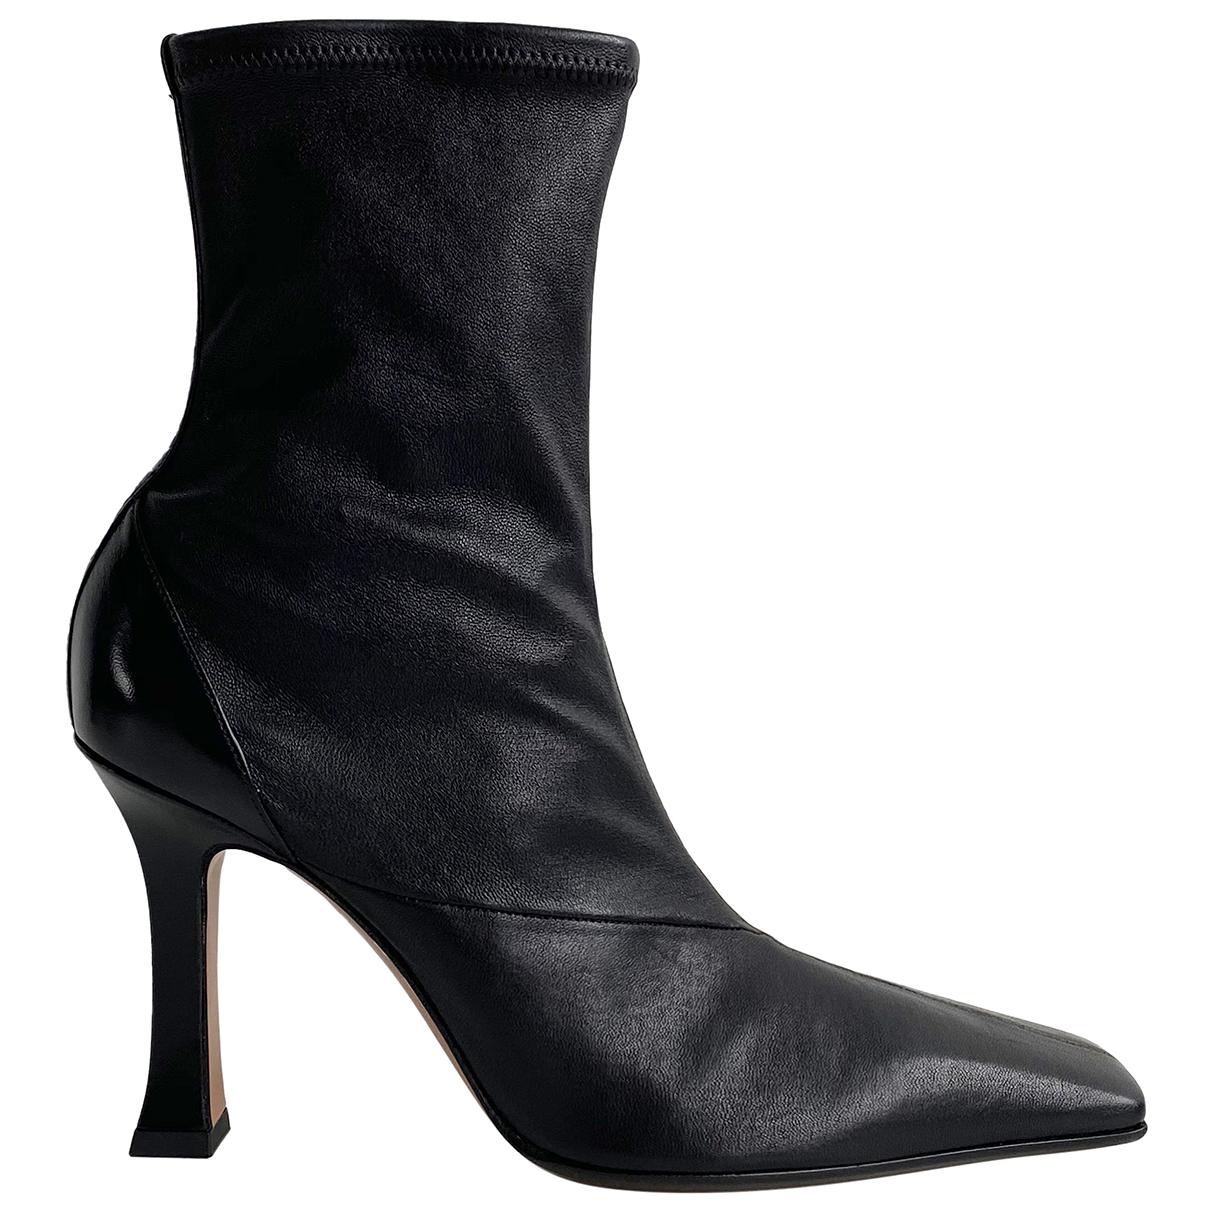 Celine Madame Stiefeletten in  Schwarz Leder